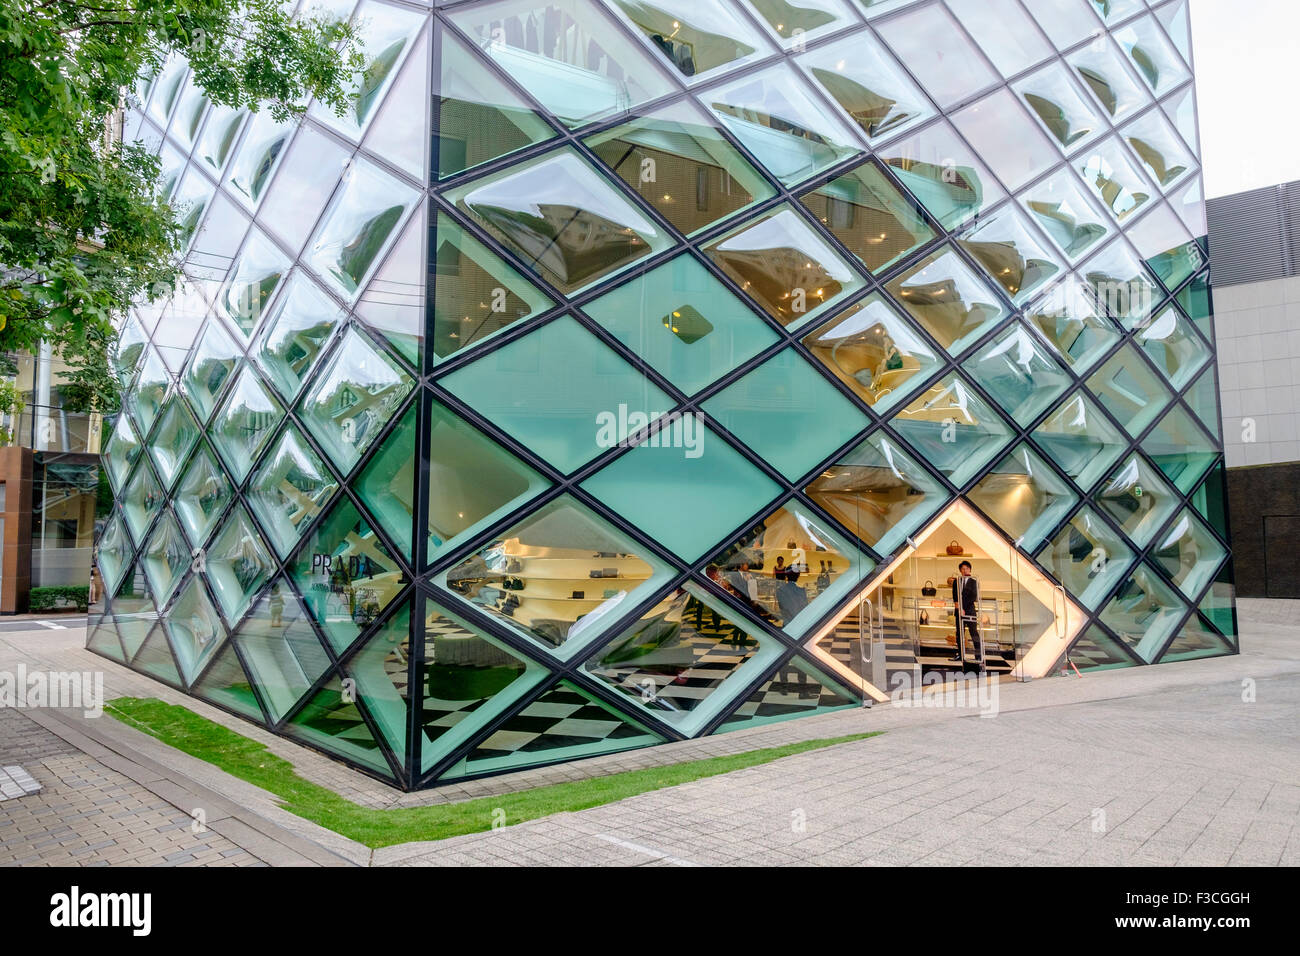 Esterno della parete di vetro Prada flagship store di Aoyama Tokyo Giappone Immagini Stock